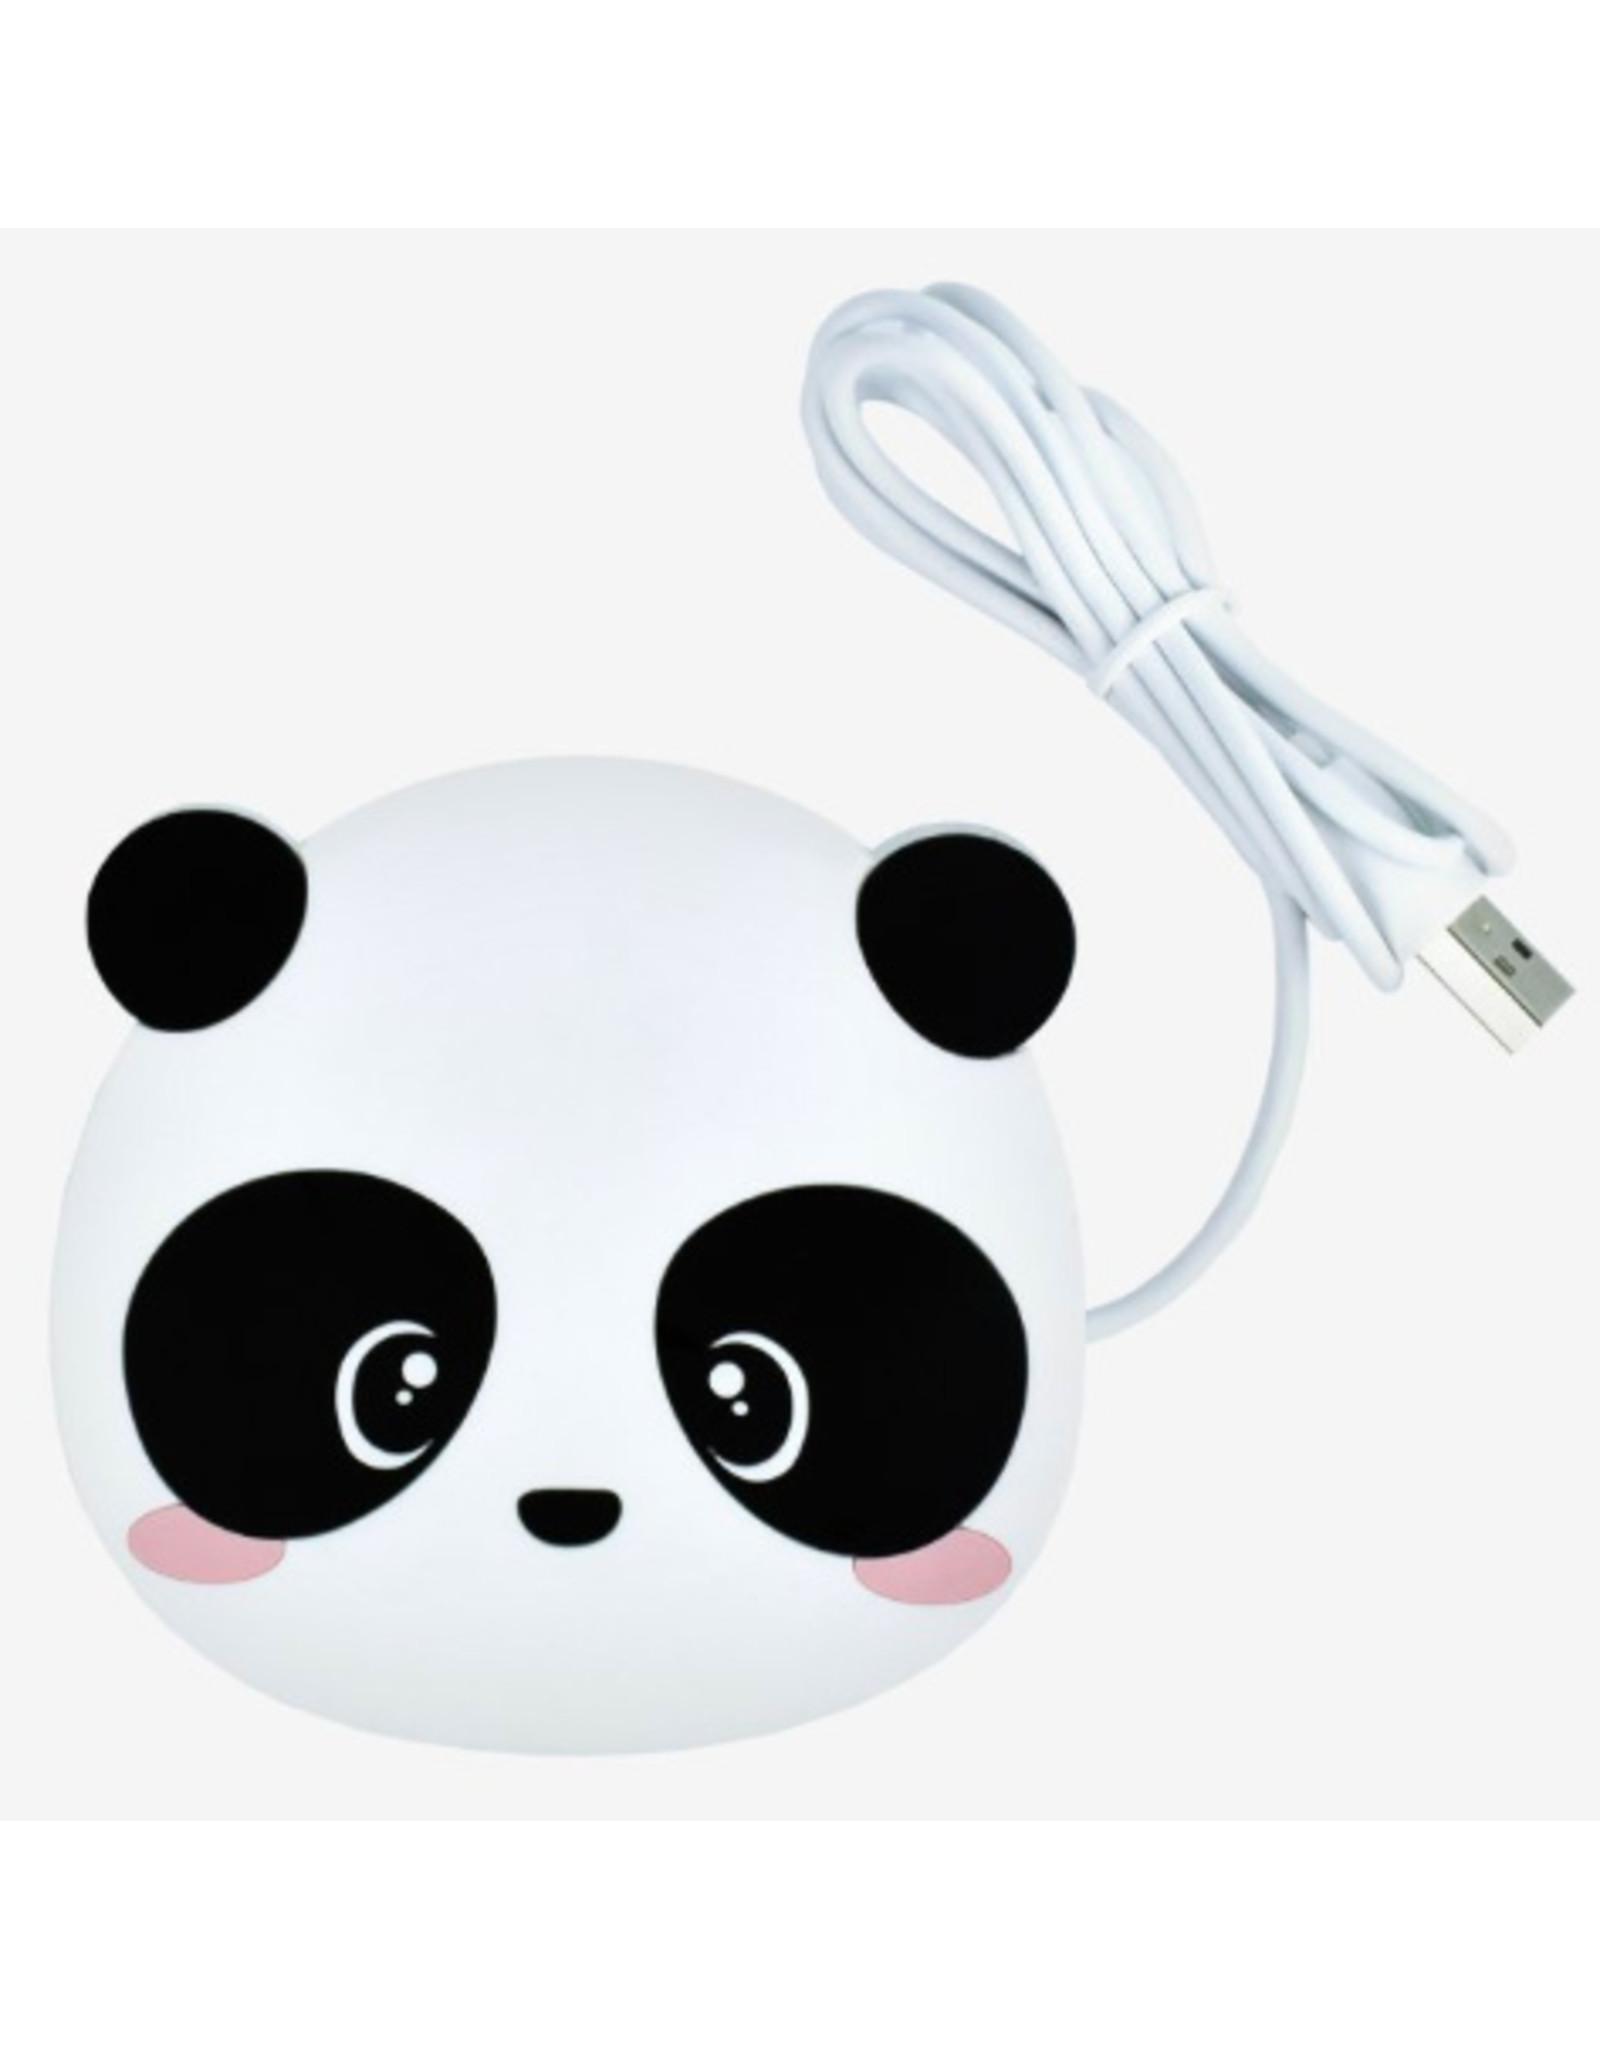 mug warmer - panda